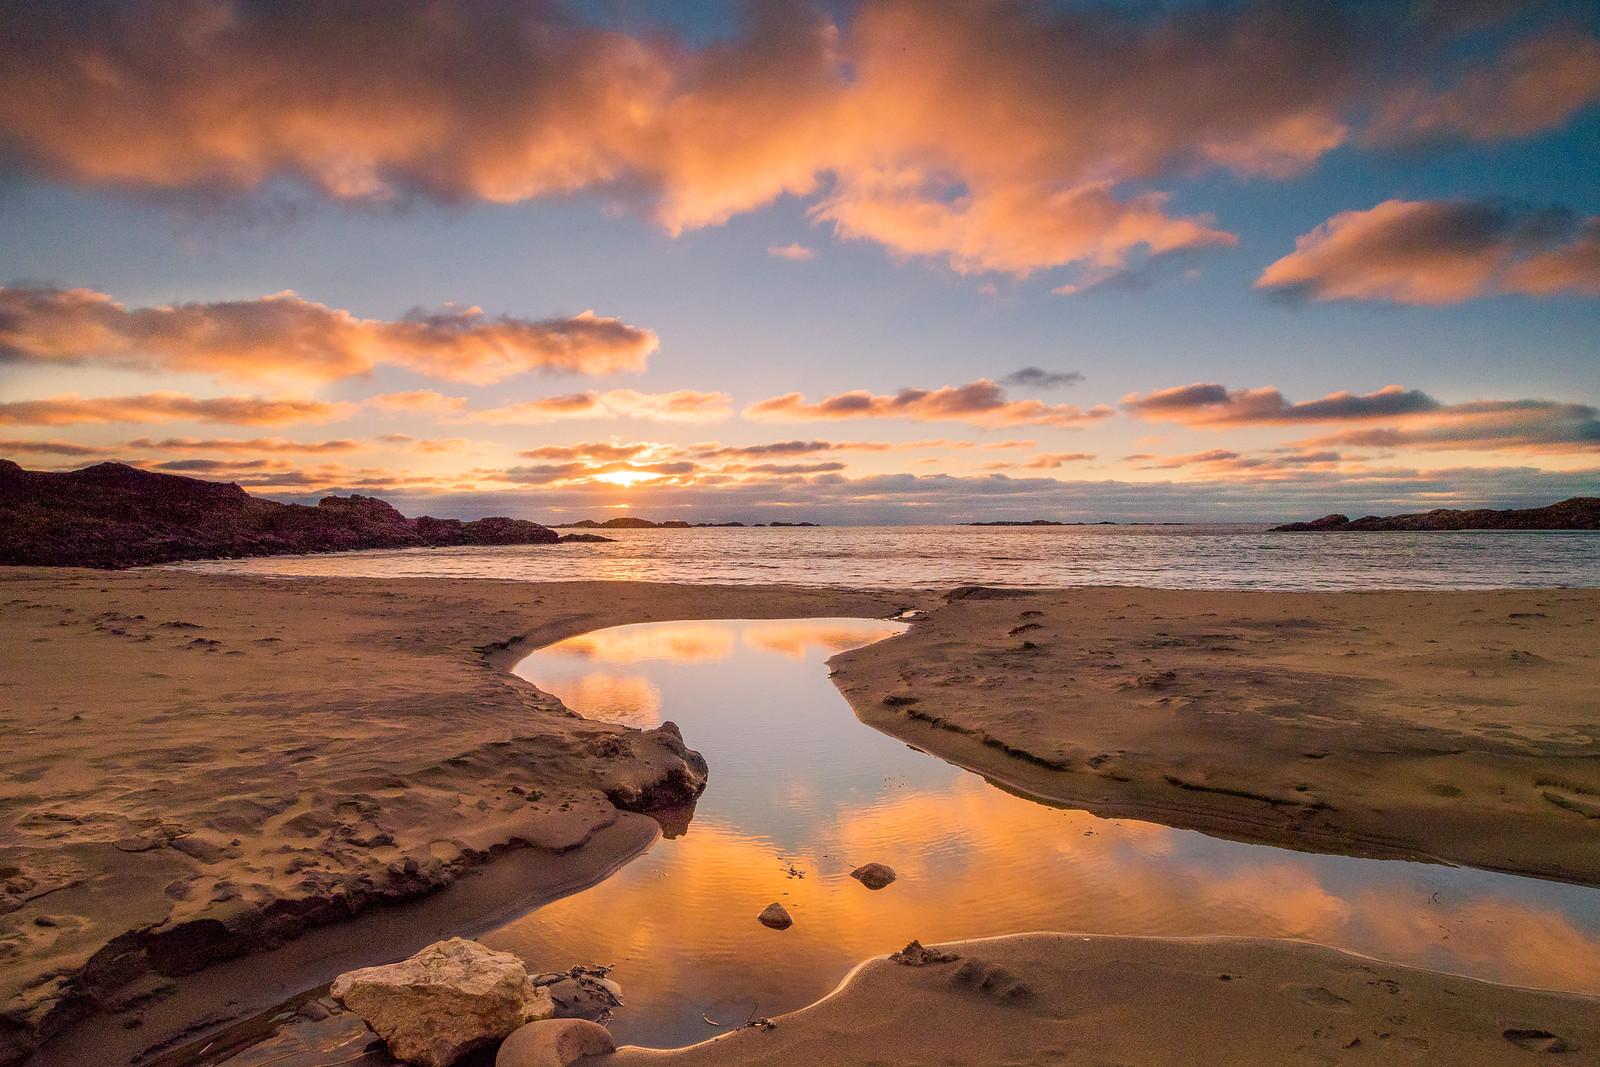 Skipssanden sunset